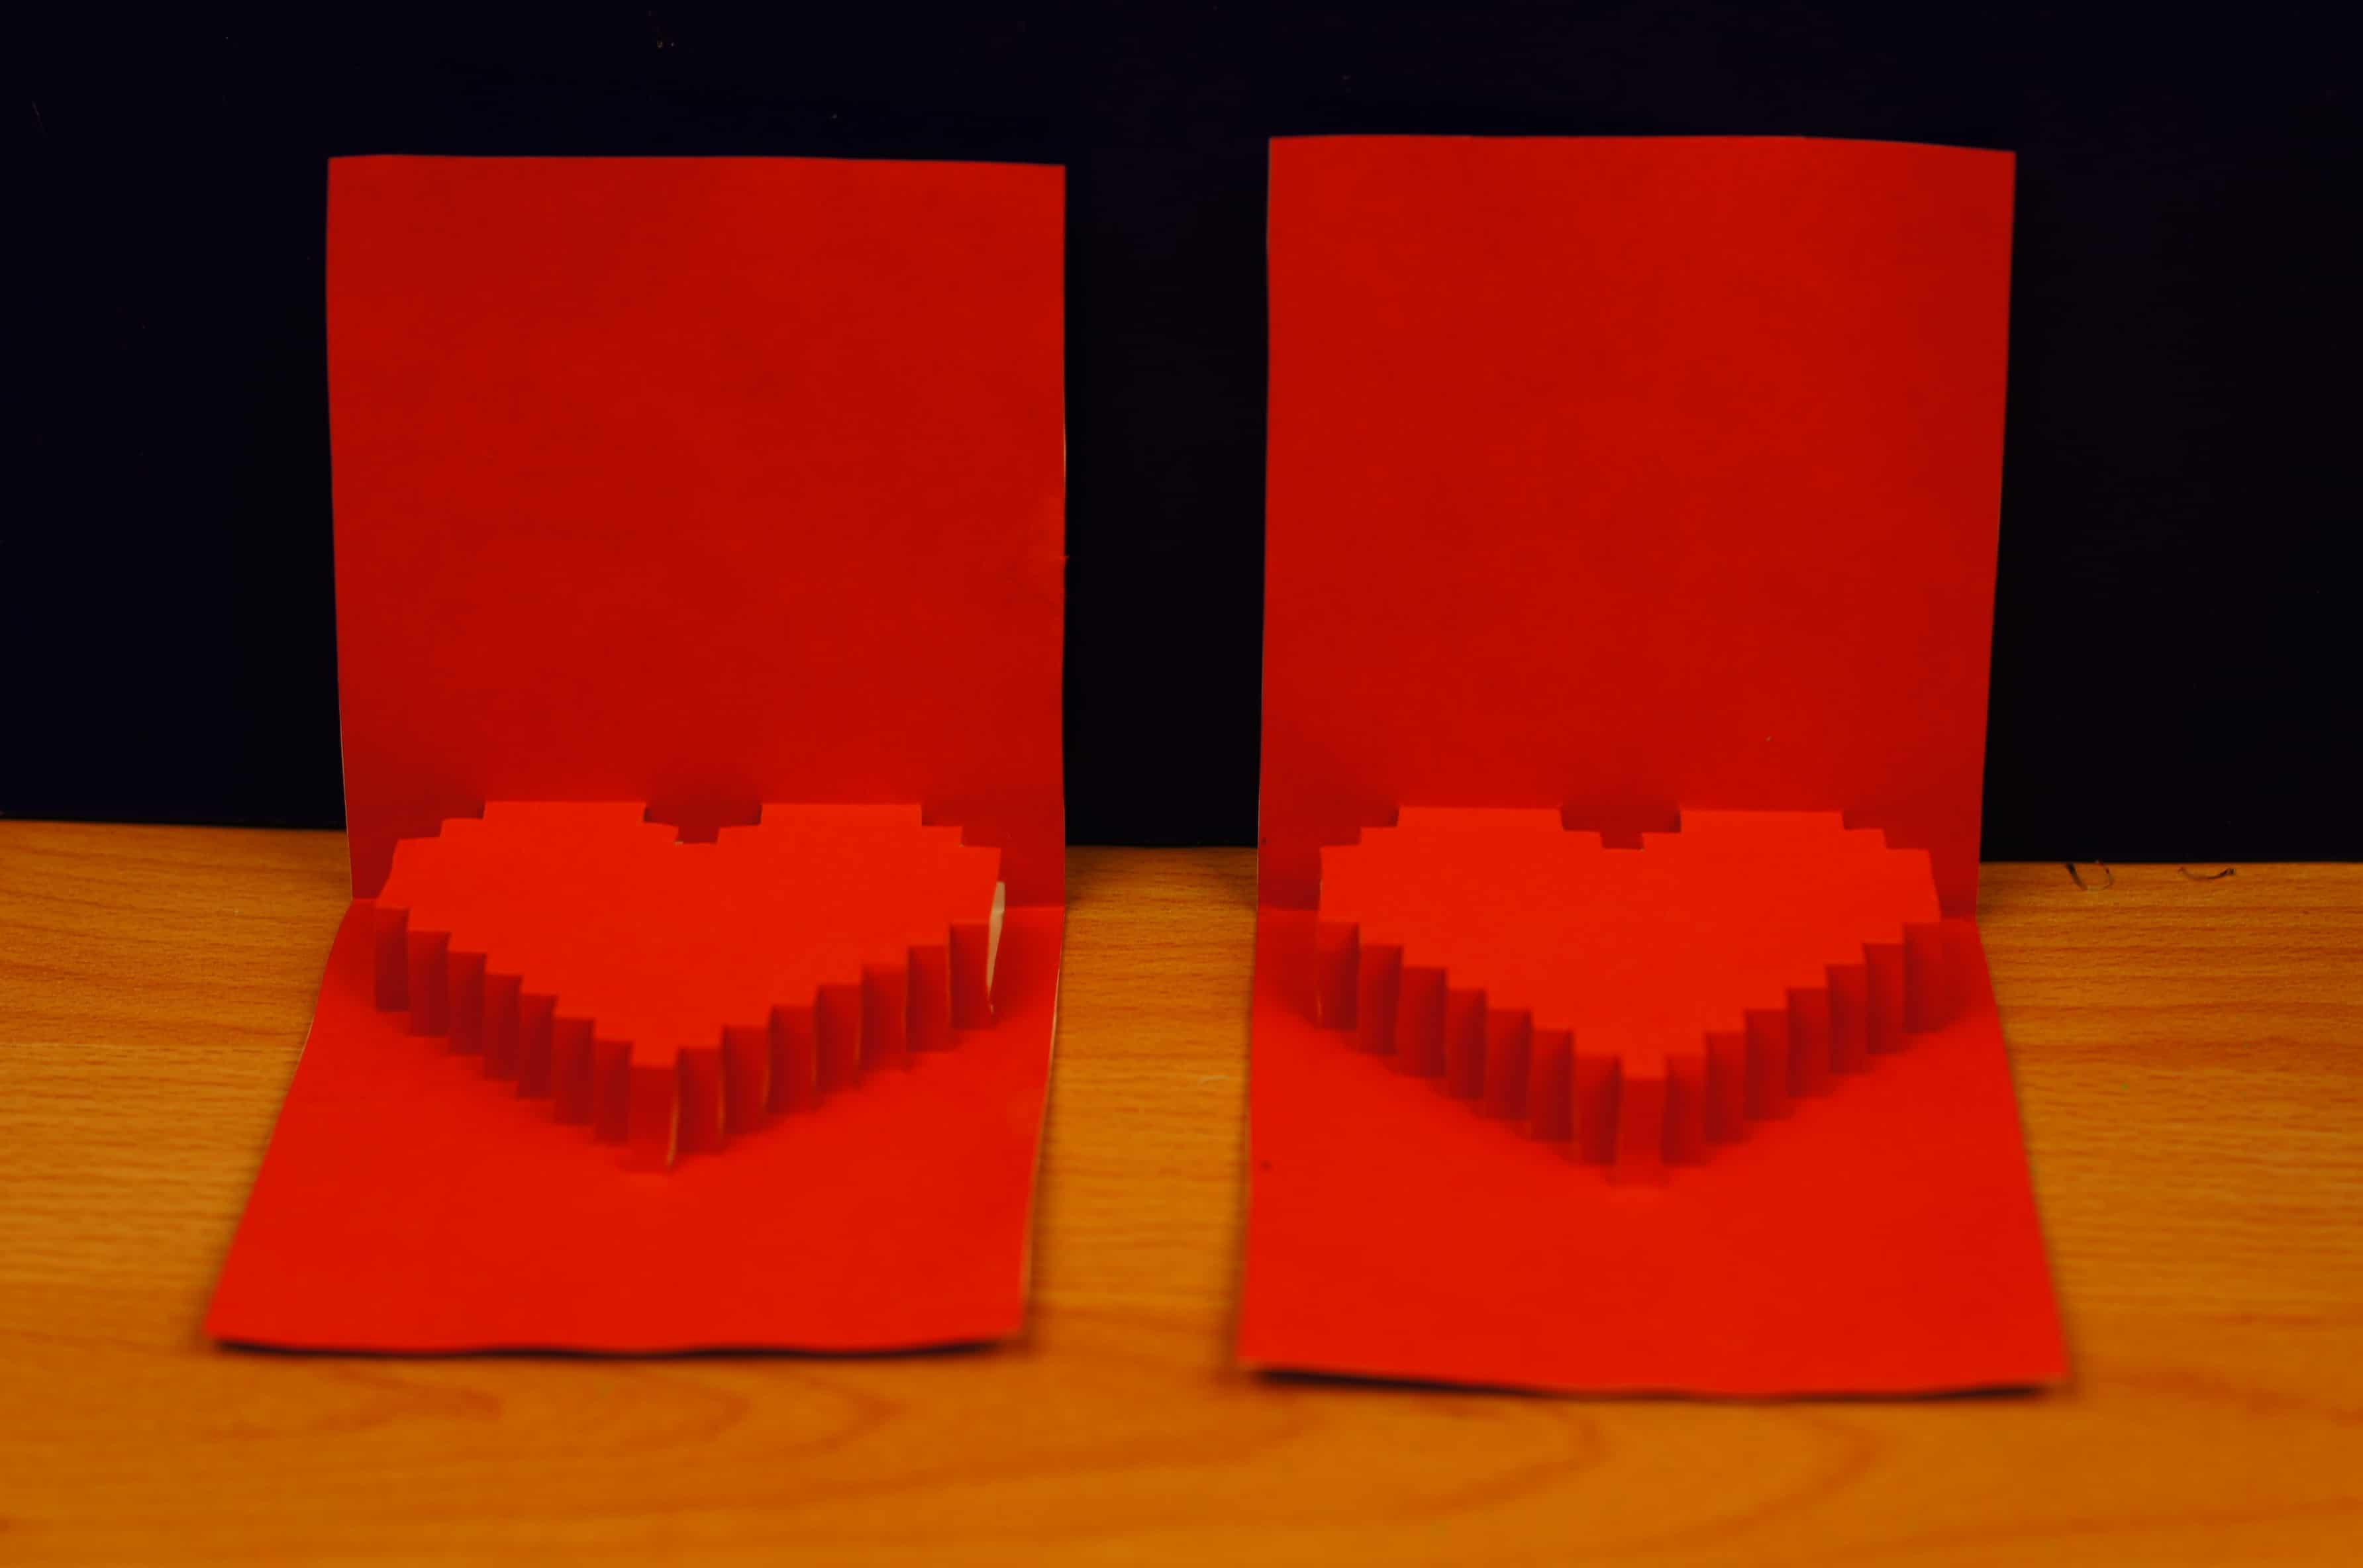 Открытка с пиксельным сердцем